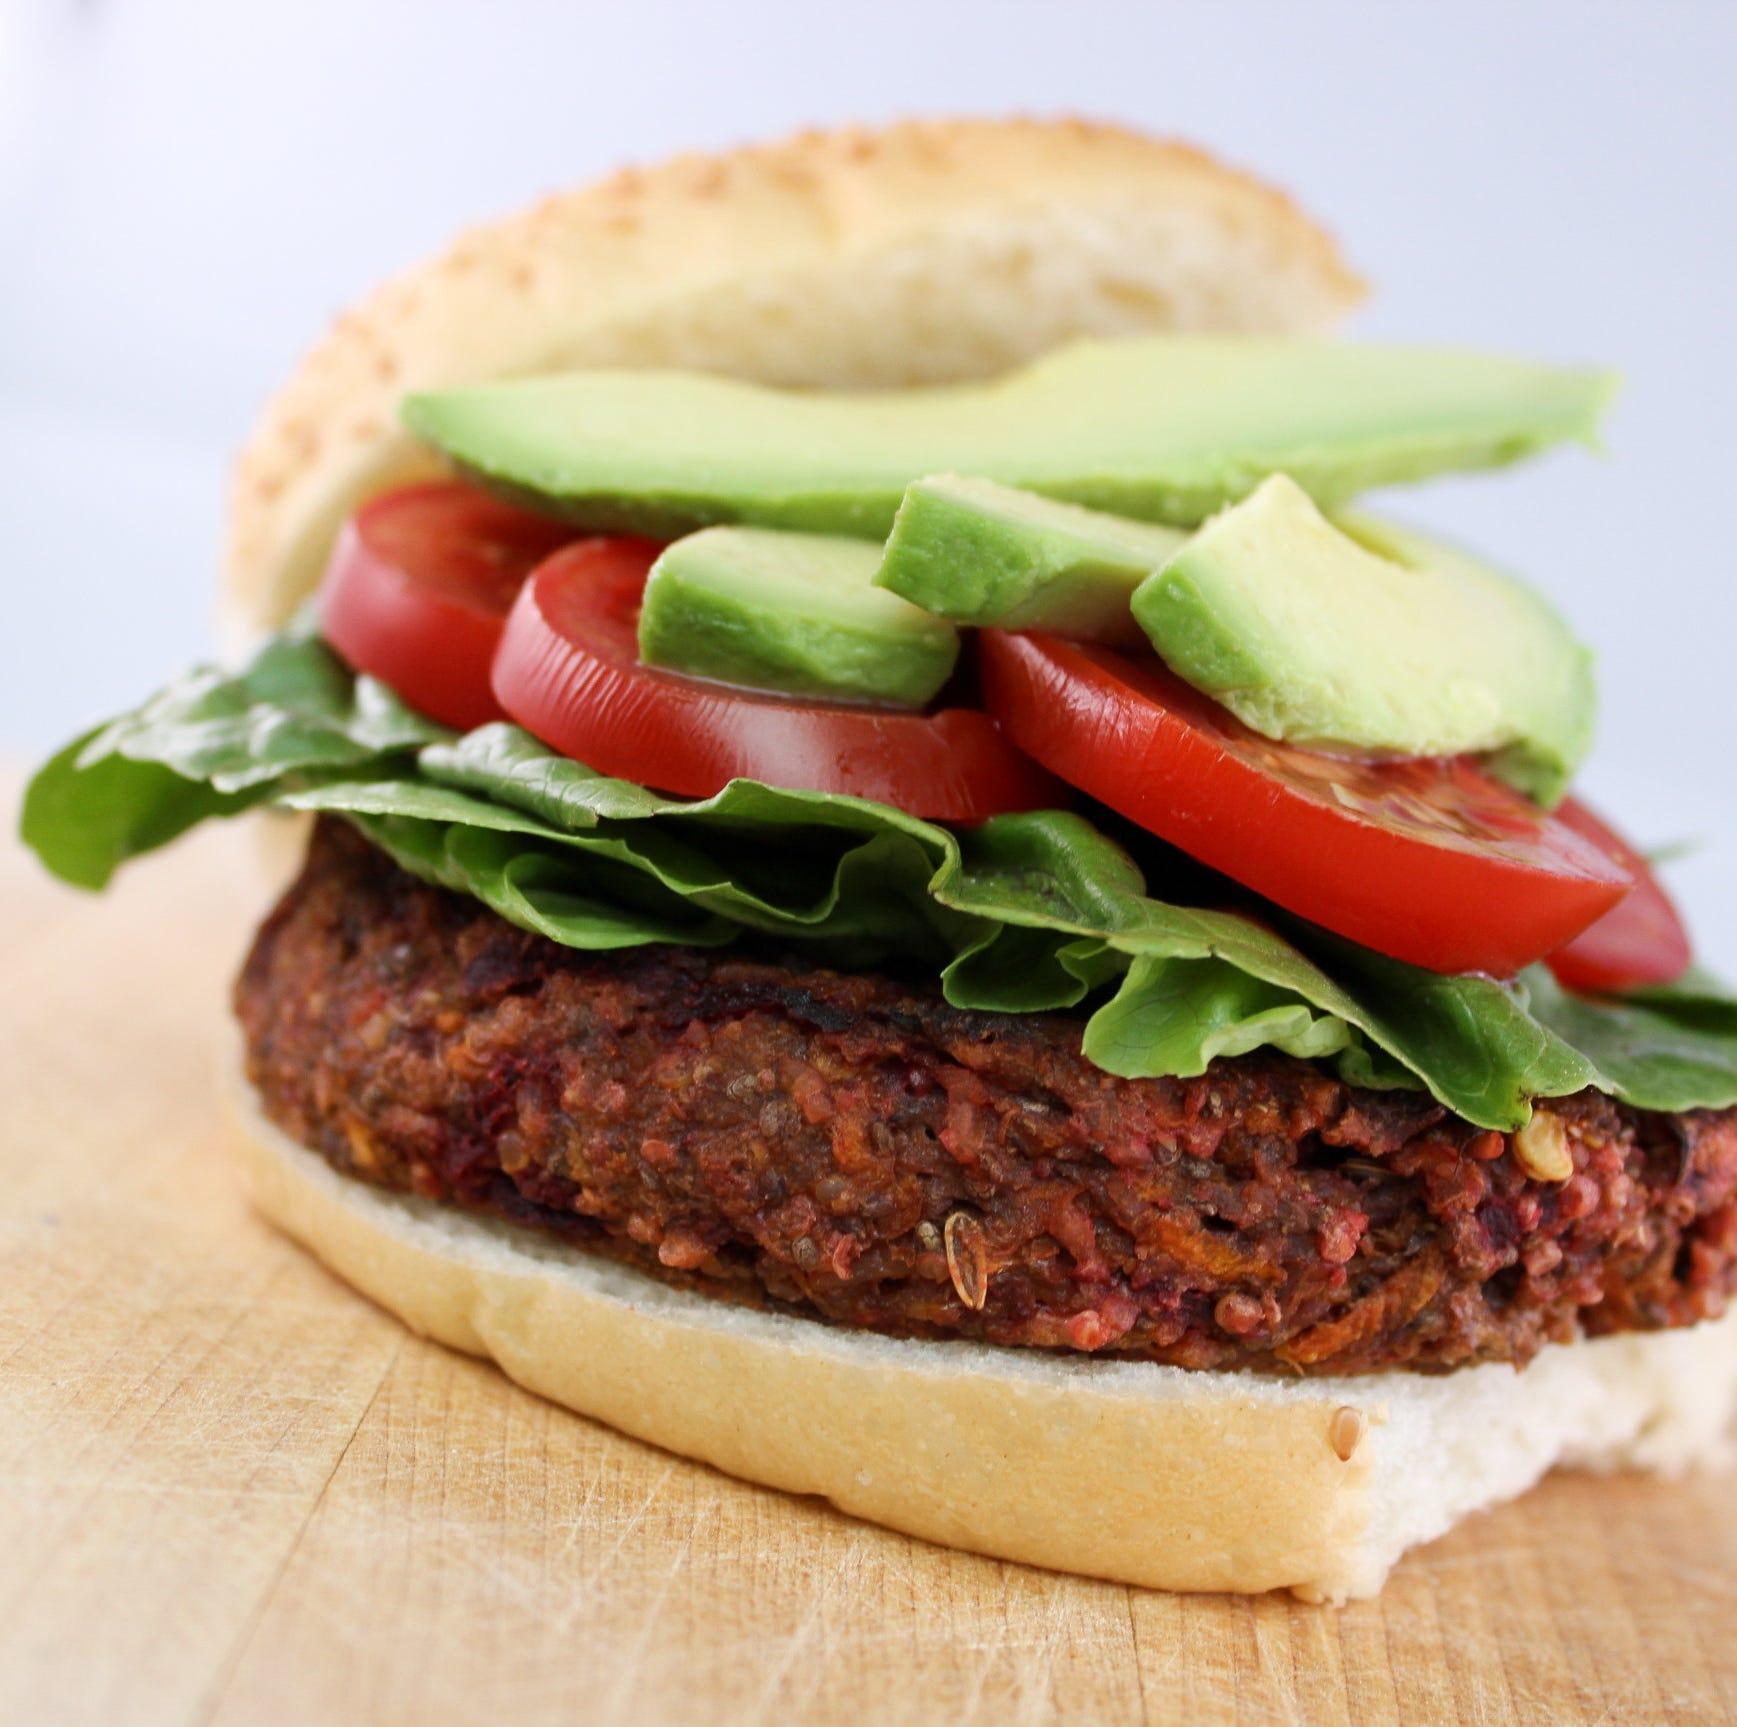 Vegan burger from Des Moines Farmers' Market food vendor wins spot on PETA's 'Top 10' list